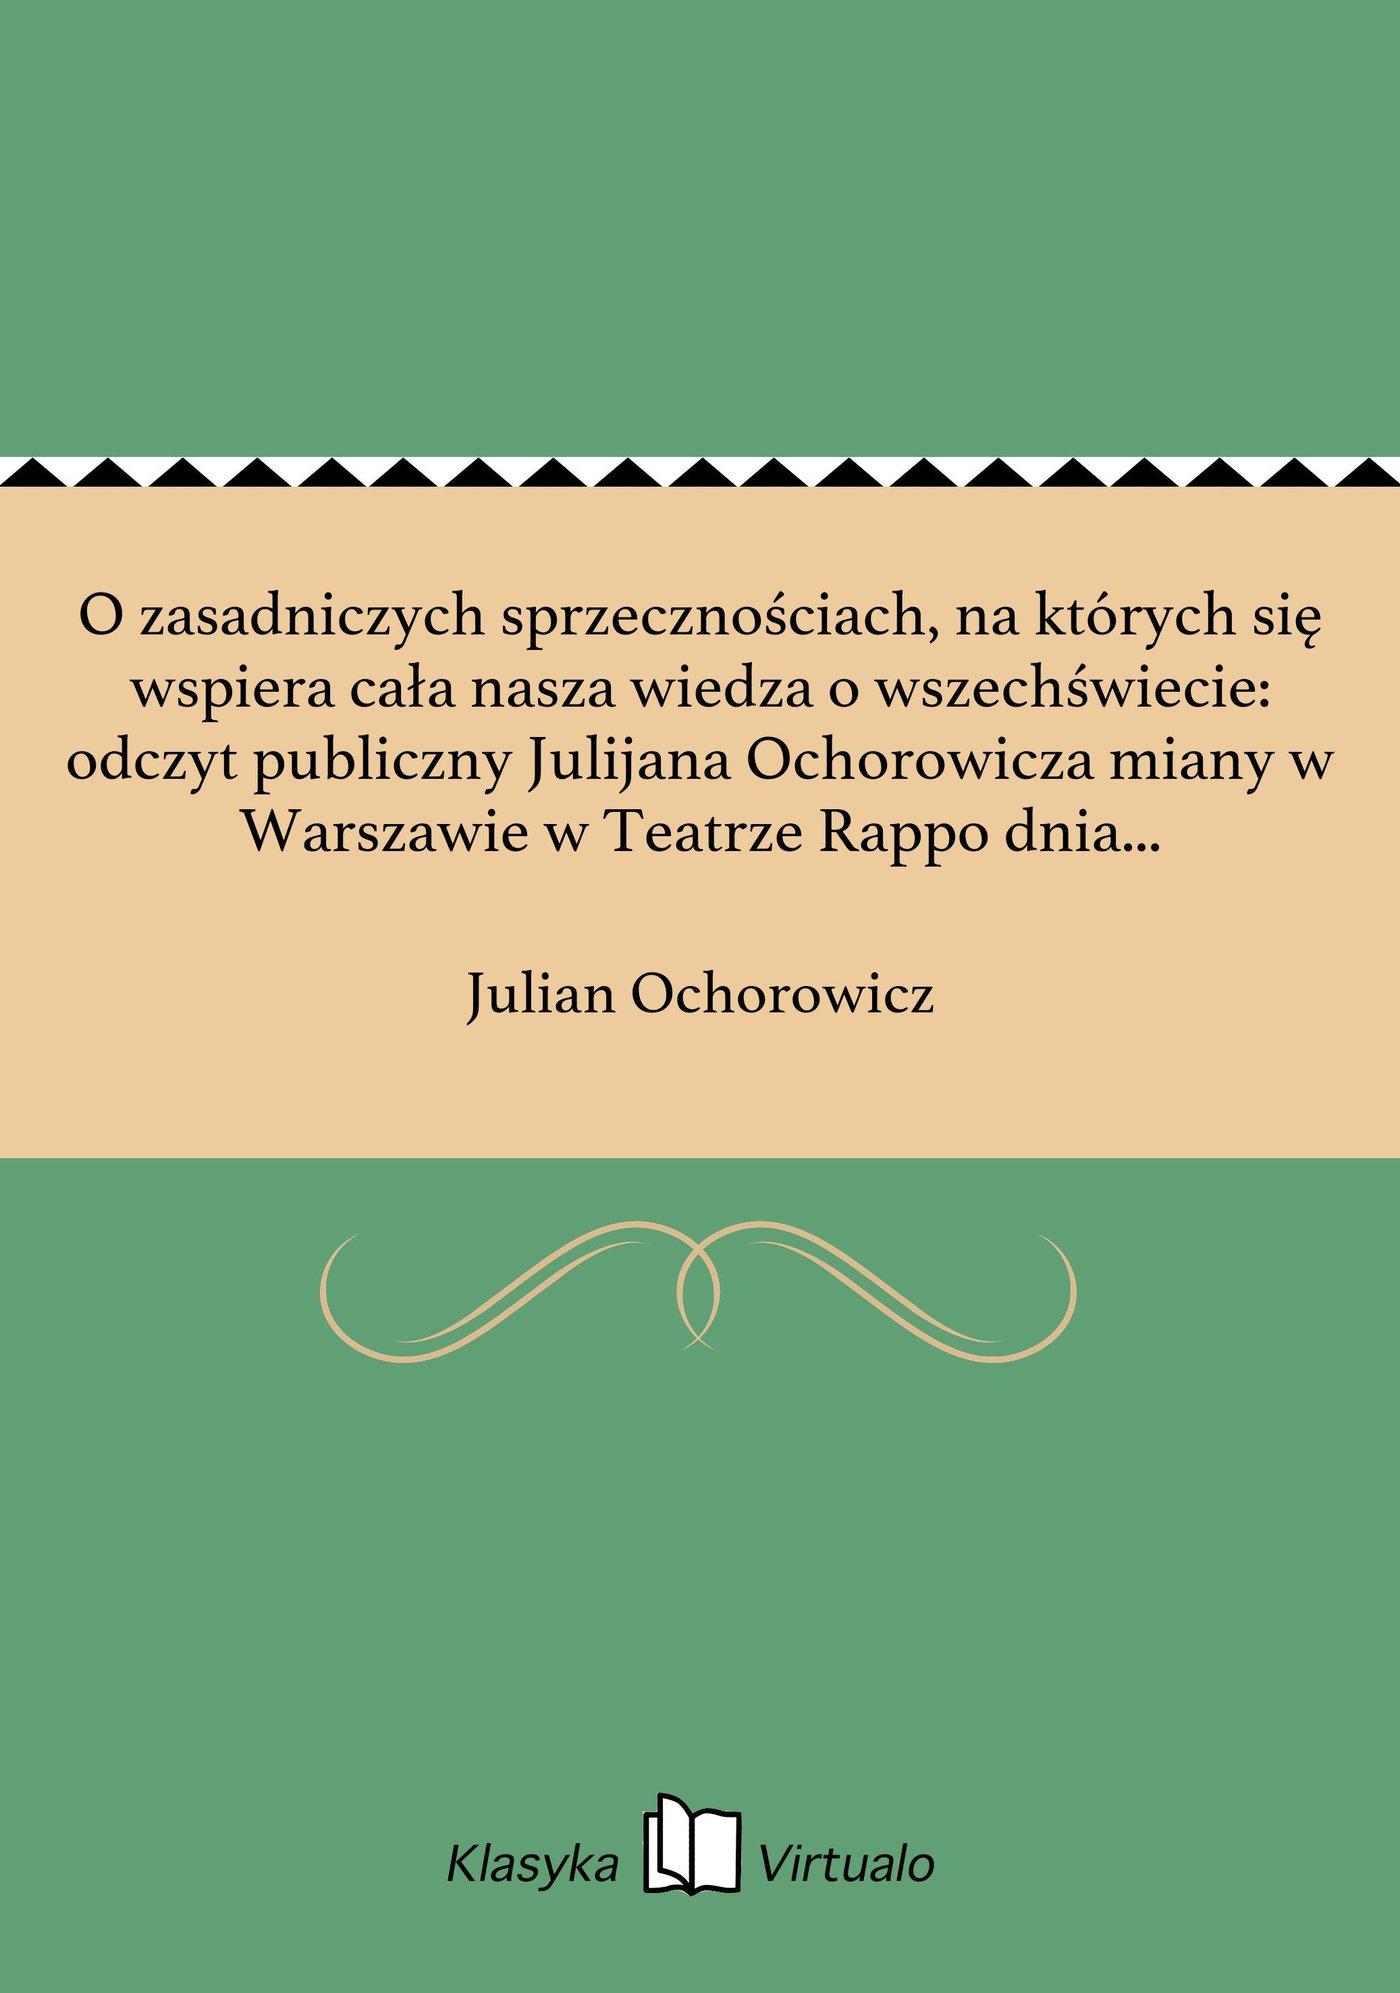 O zasadniczych sprzecznościach, na których się wspiera cała nasza wiedza o wszechświecie: odczyt publiczny Julijana Ochorowicza miany w Warszawie w Teatrze Rappo dnia 29 października 1873. - Ebook (Książka EPUB) do pobrania w formacie EPUB